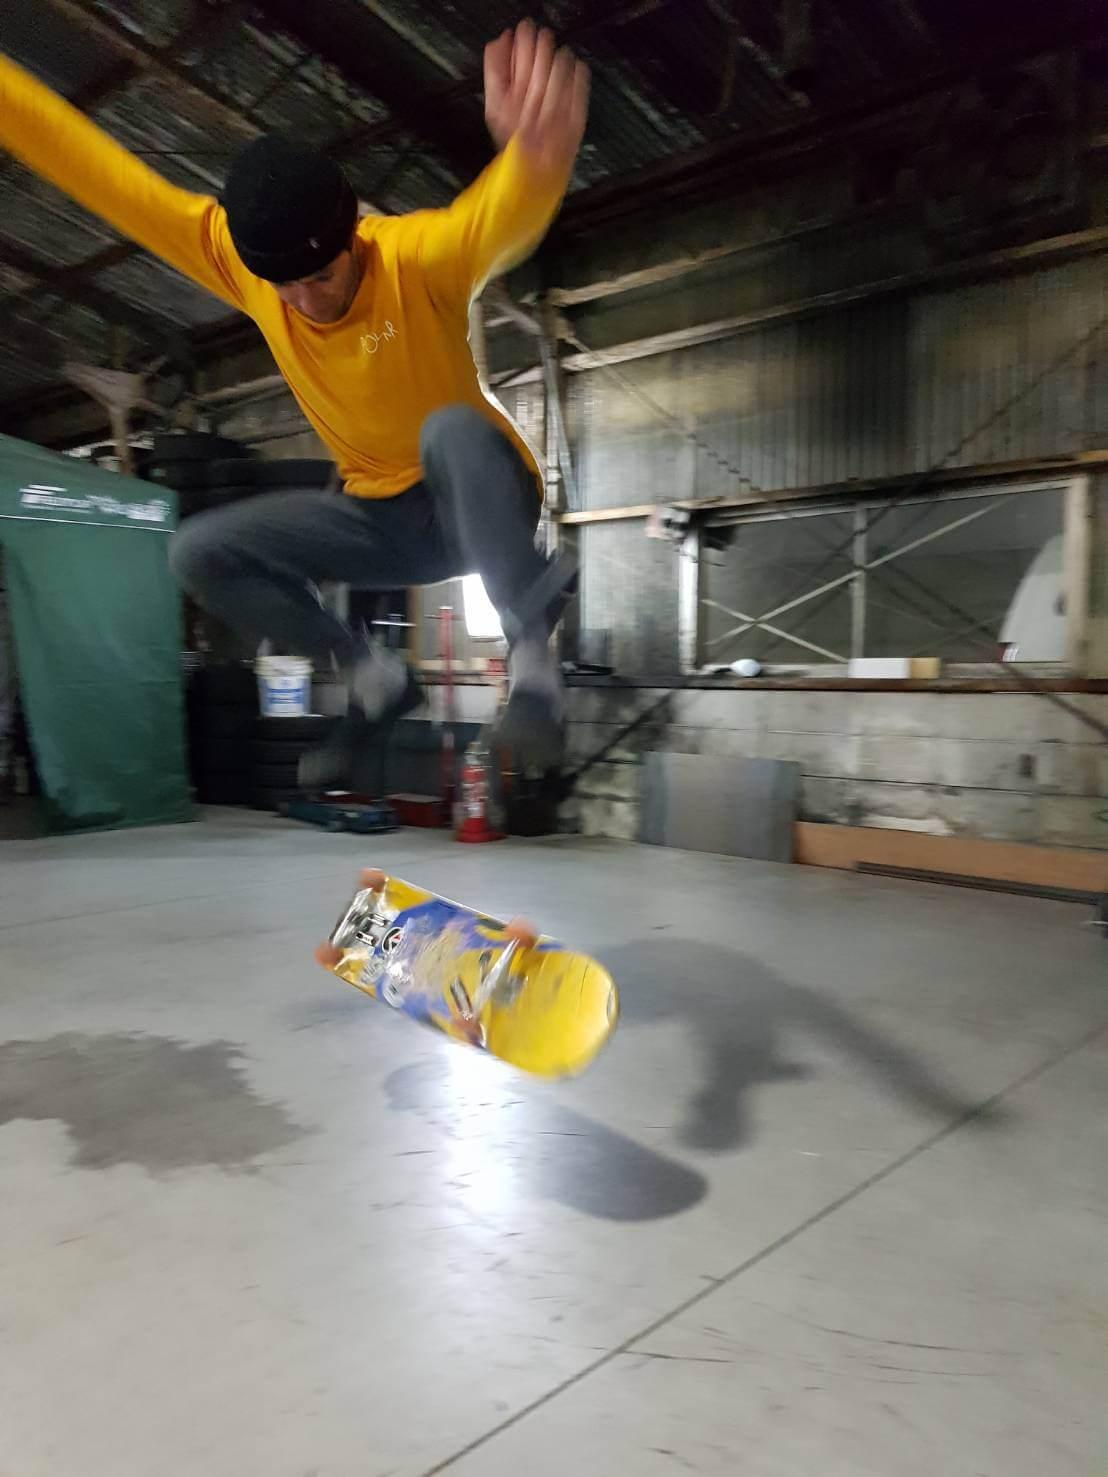 シェーン 福岡でスケートボード